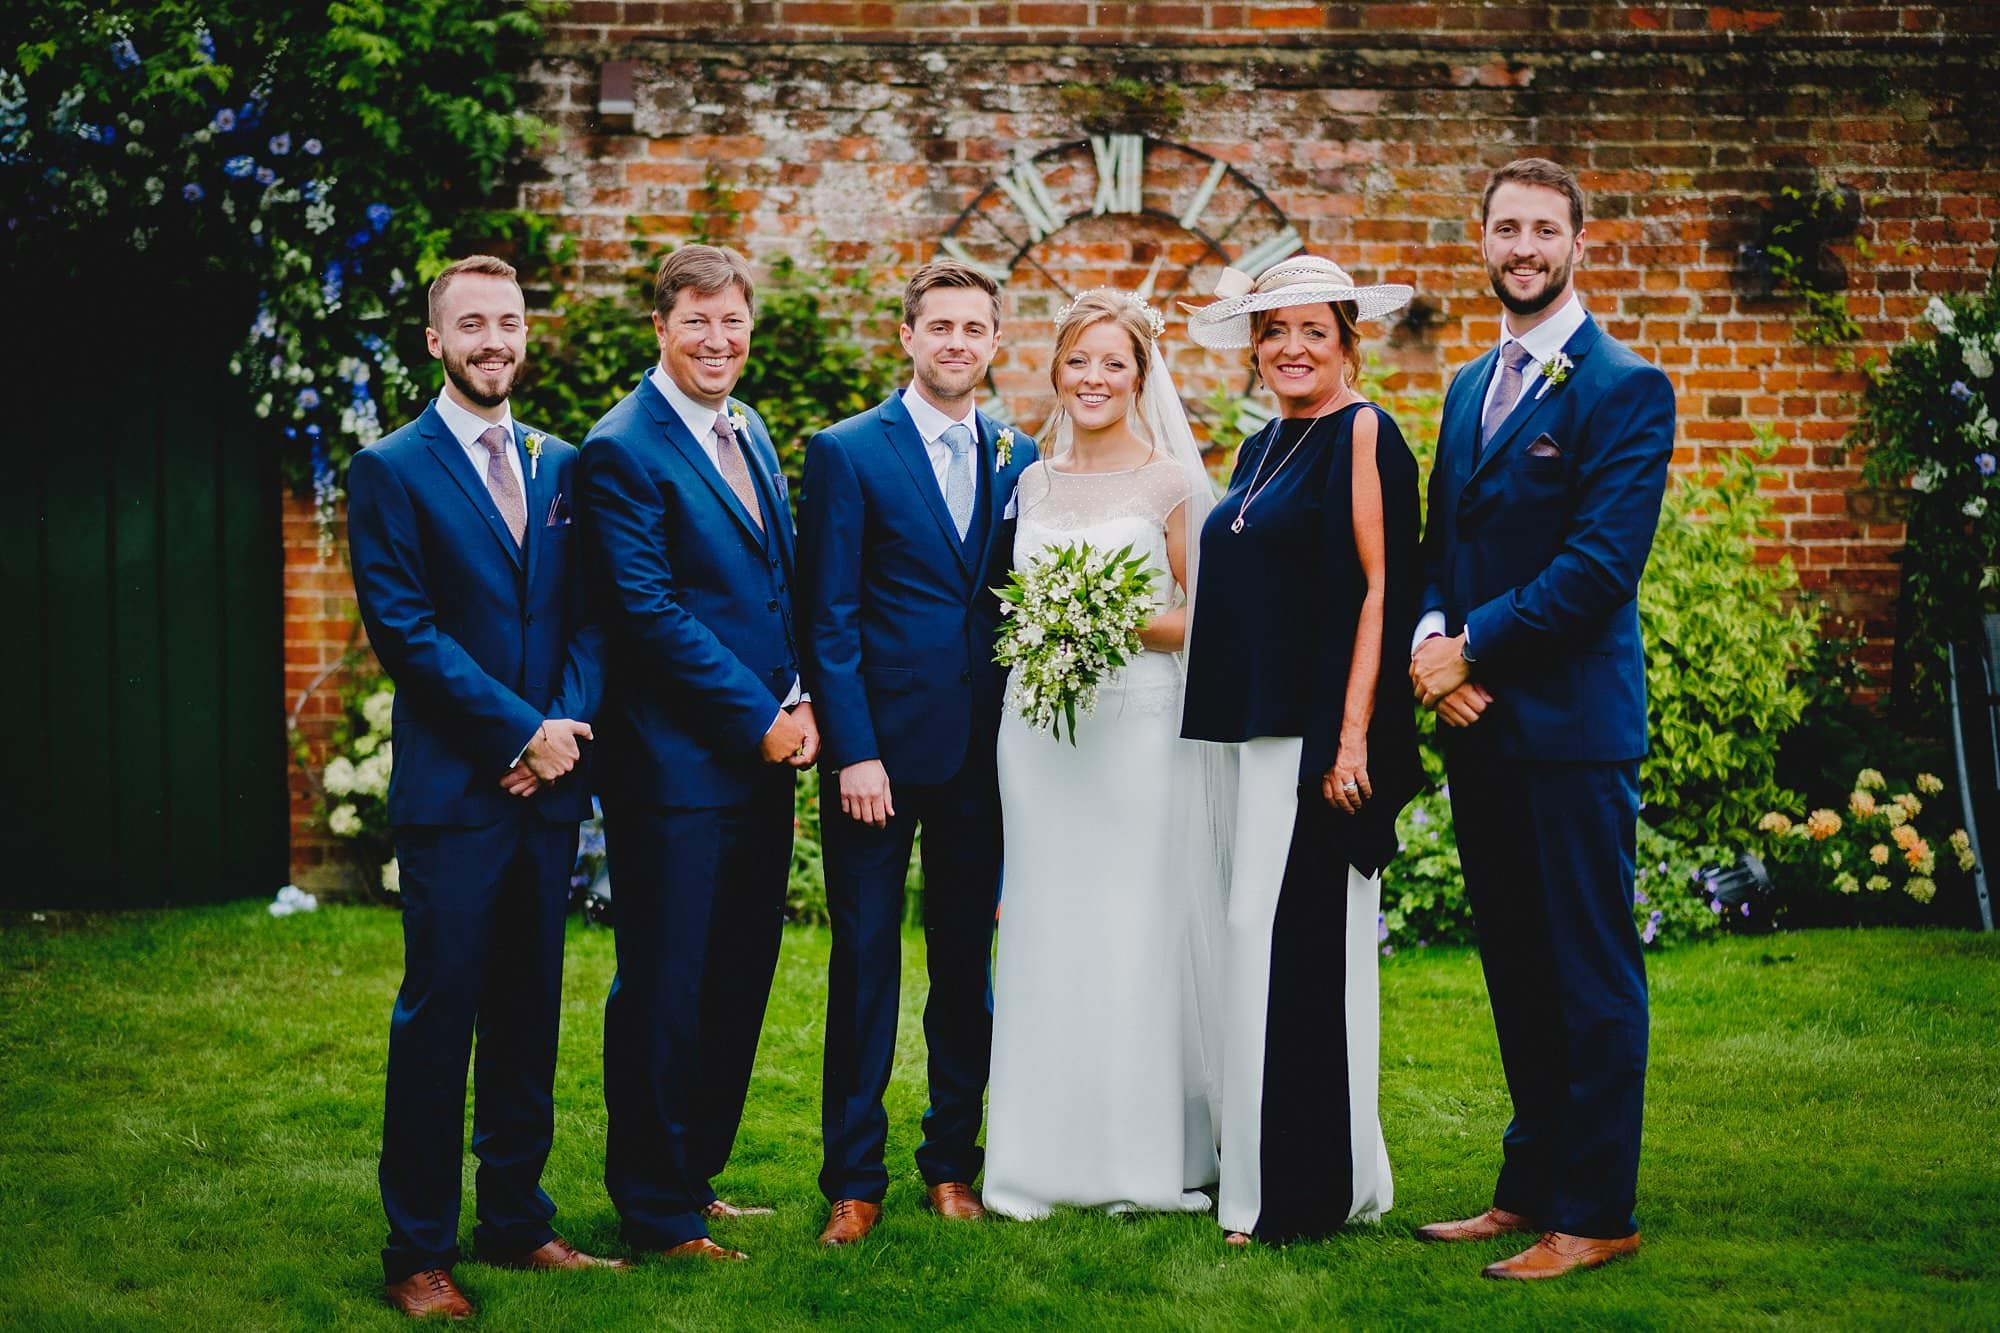 ashtead london wedding photographer 055 - Rachel & Jonny's Ashtead Wedding